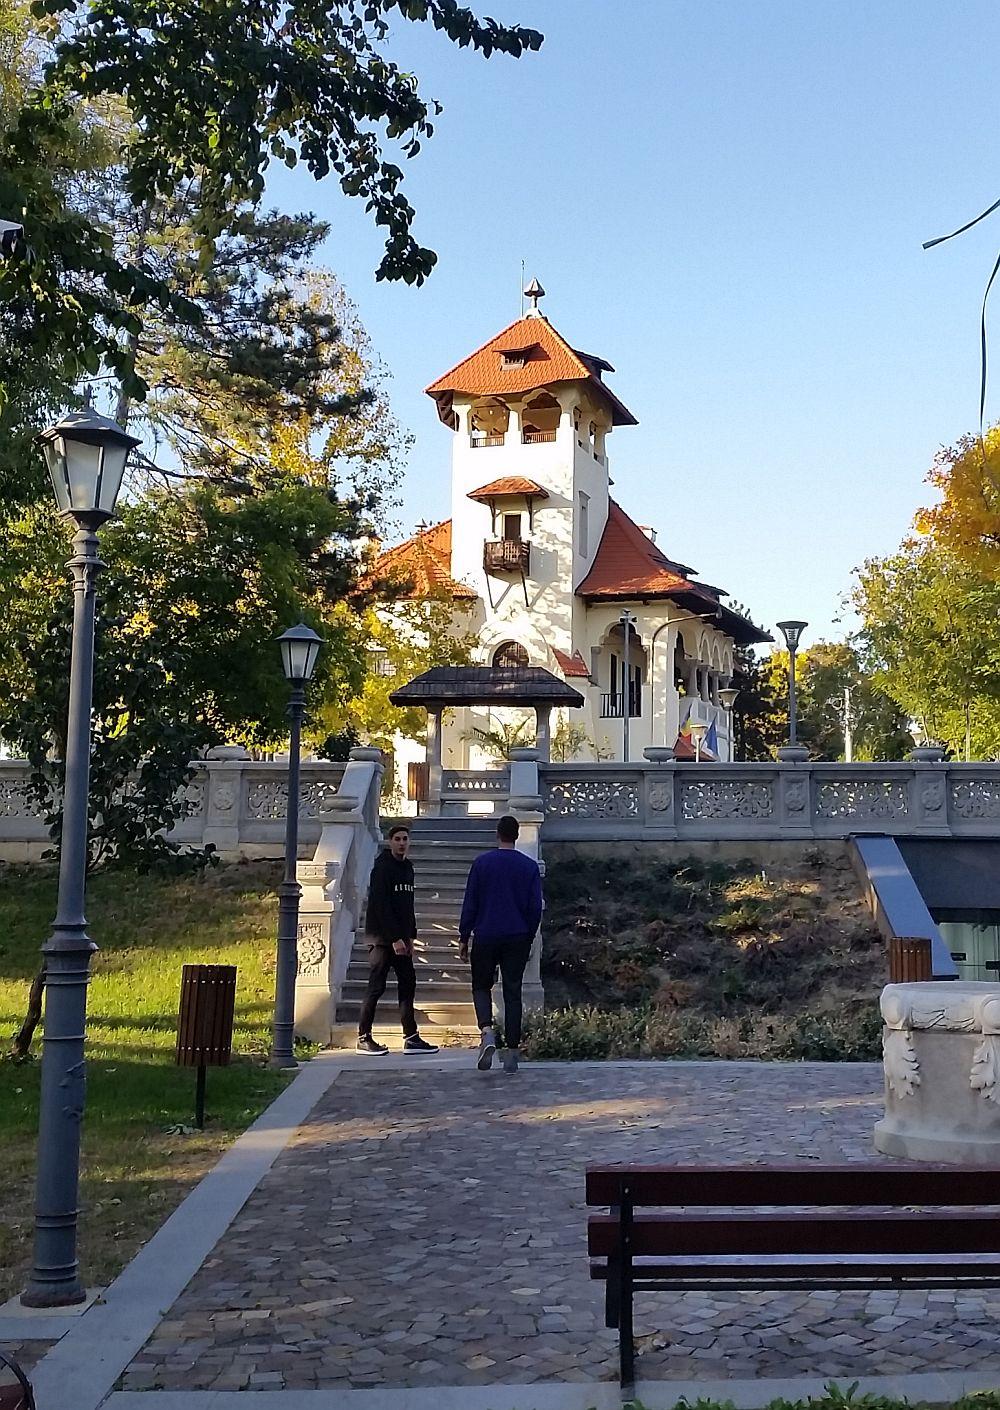 Gemenii mei Lucian și Ștefan au zăbovit îndelung în parcul Vilei Minovici unde au dat peste tot felul de lucrări în piatră.